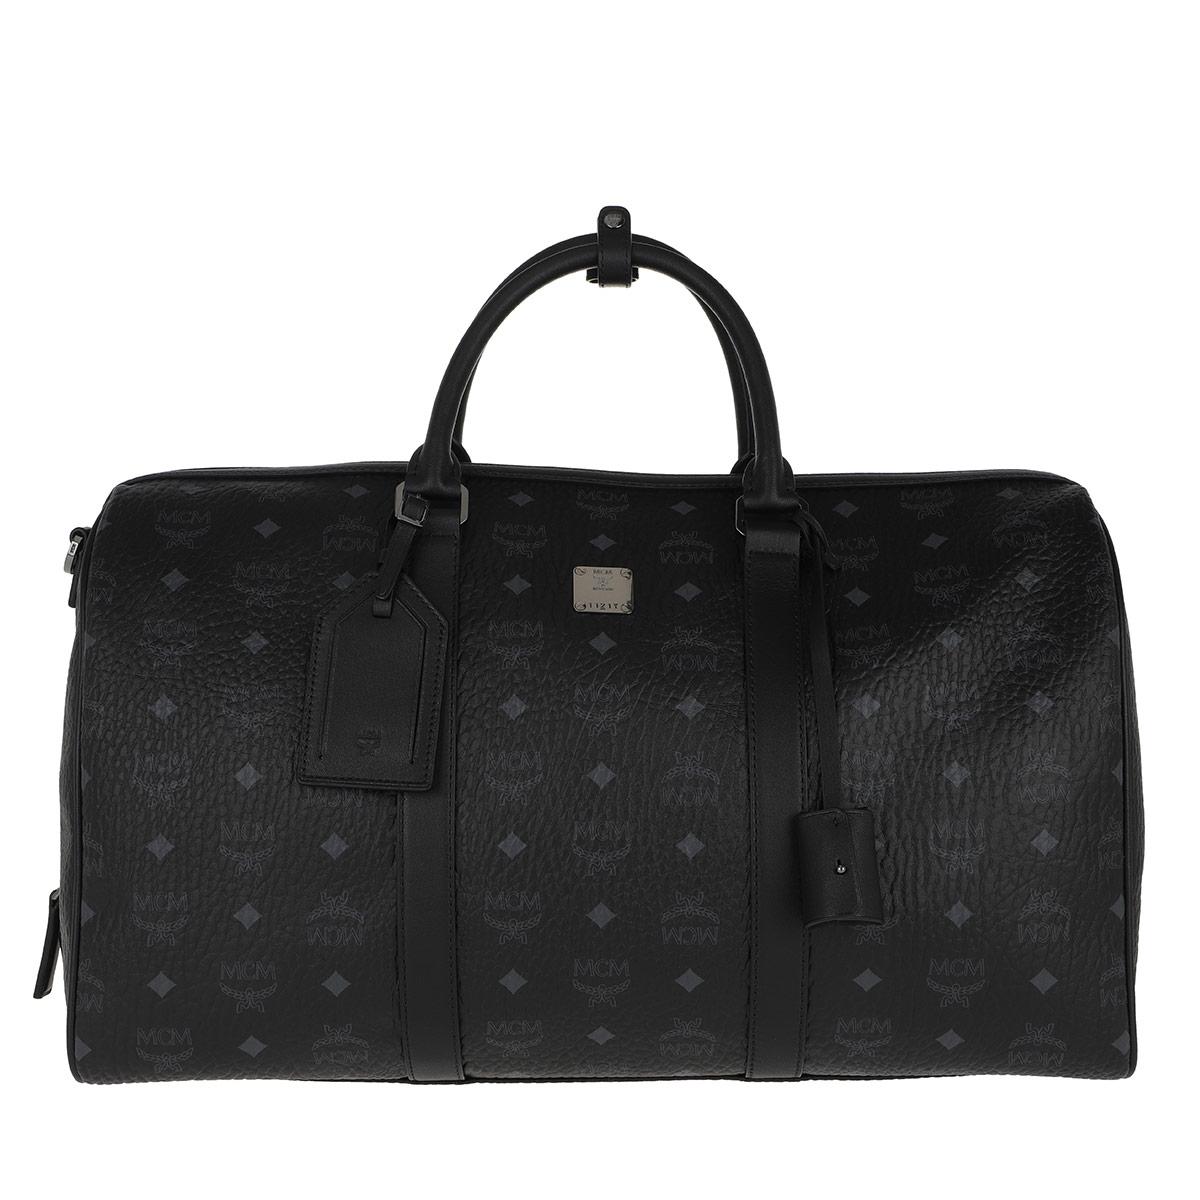 MCM Reisetasche - Traveler Visetos Weekender Medium Black - in schwarz - für Damen